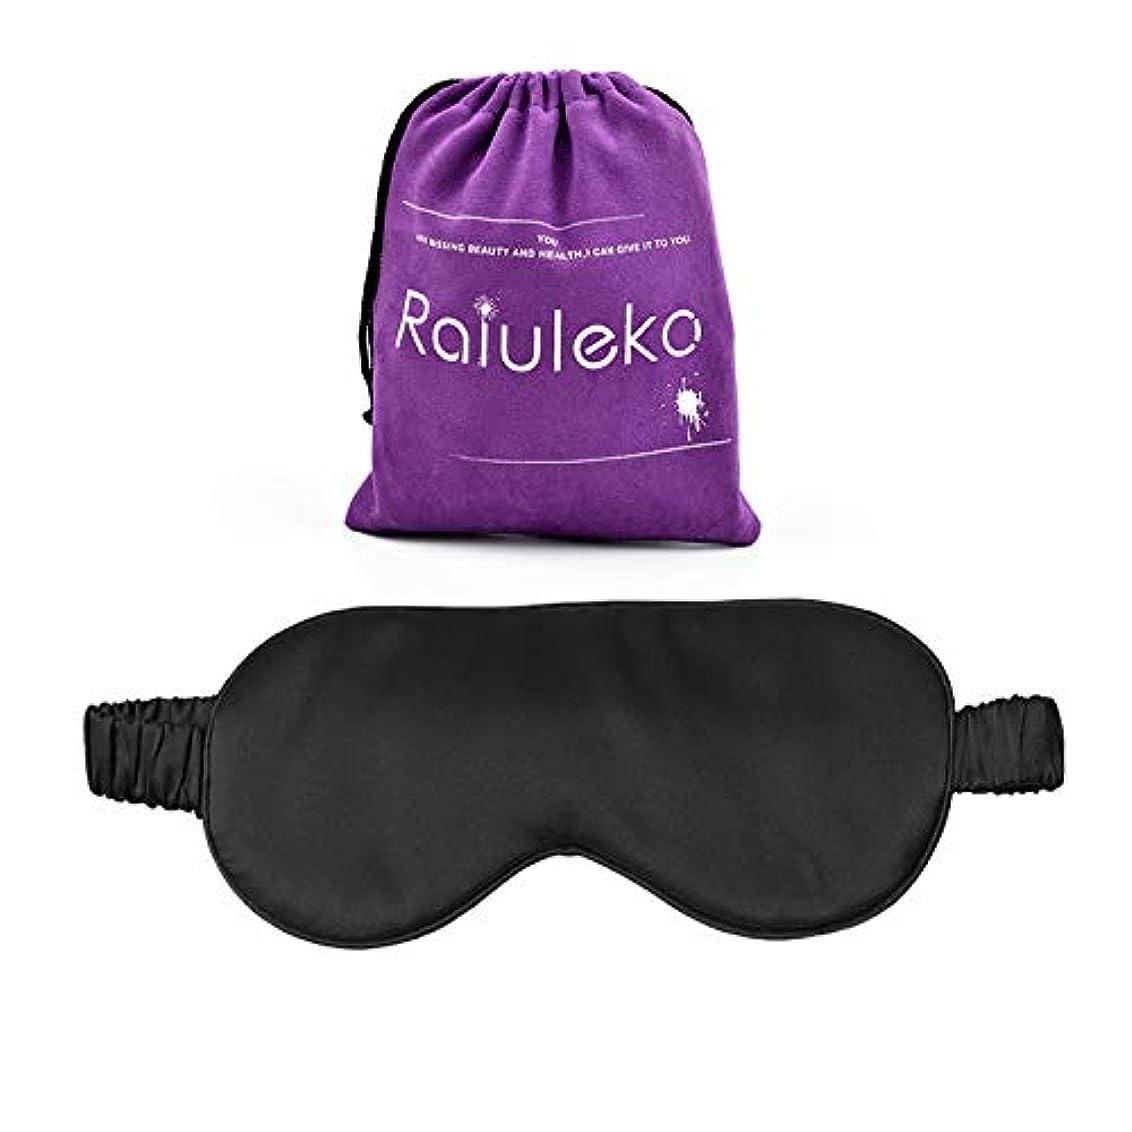 ブラシ隣接するくちばしNOTE Raiuleko 100%ピュアシルクスリーピングアイマスクしなやかなアイシェードポータブルトラベルアイパッチ通気性のある滑らかで高級なシェーディングスリープマスク